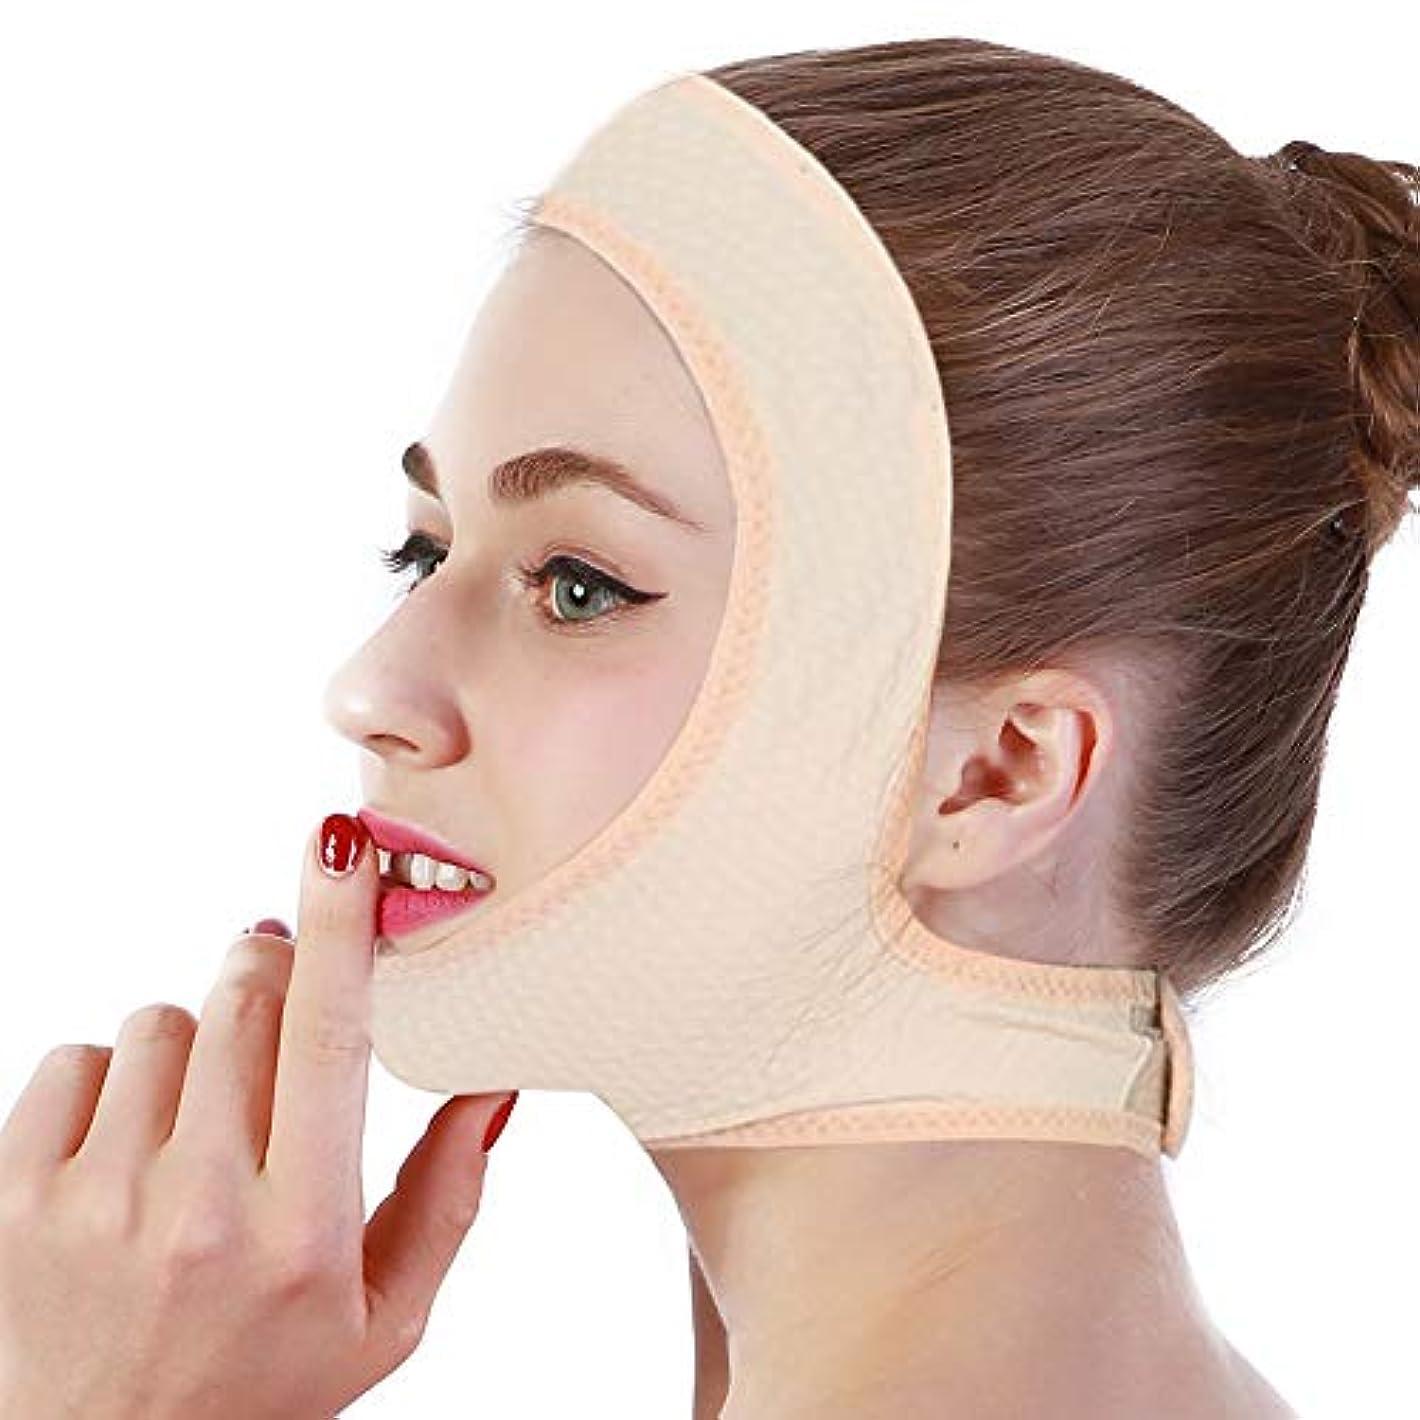 空洞コンサート未満フェイスマッサージ肌の色フェイスリフティングマスク薄いあご矯正ツール顔の輪郭調整包帯